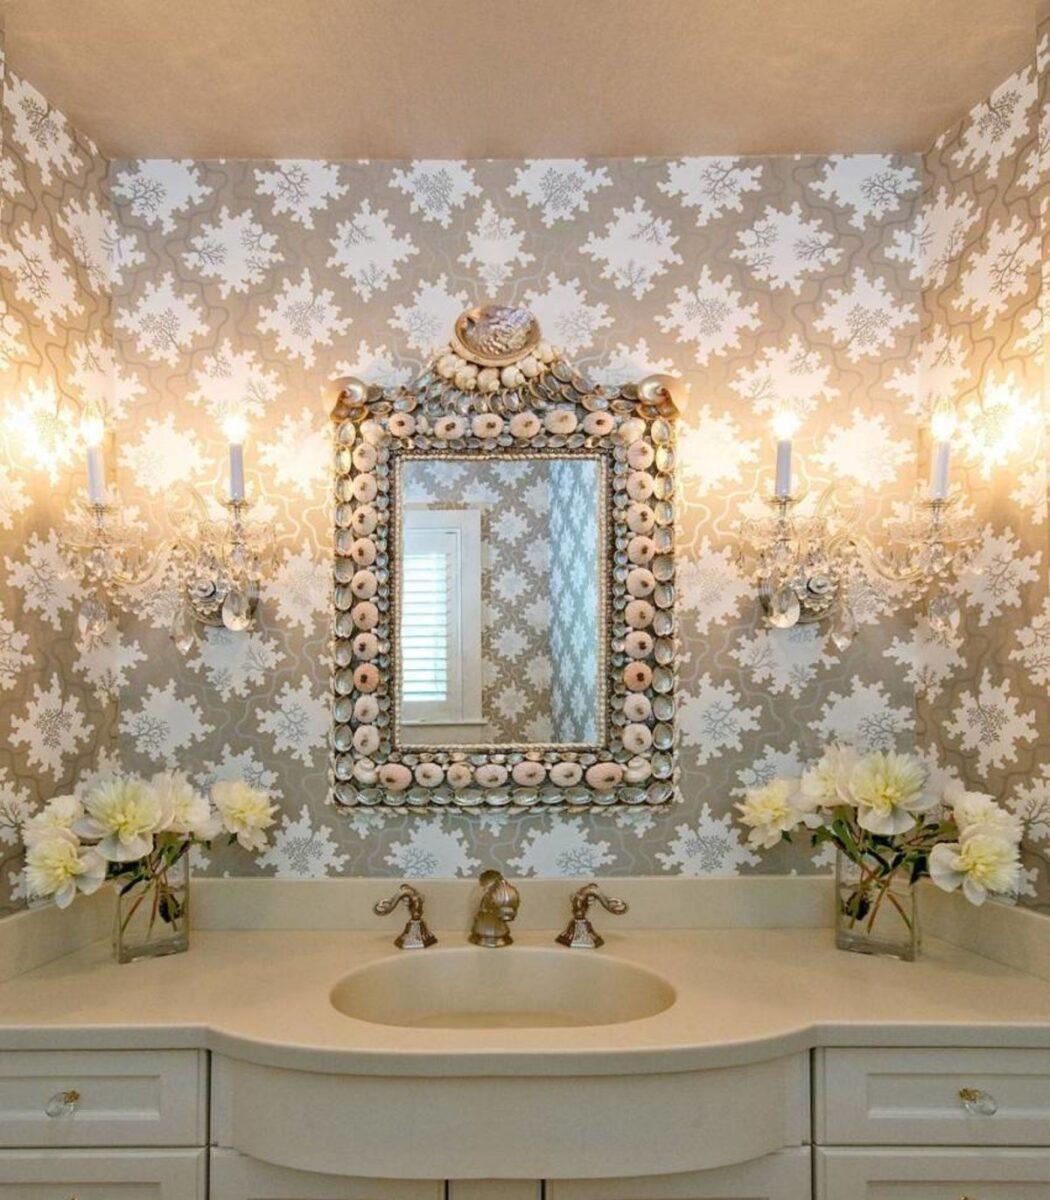 Ремонт ванной комнаты от А до Я. Большой выбор красивых идей планировки и оформления дизайна (110 фото)